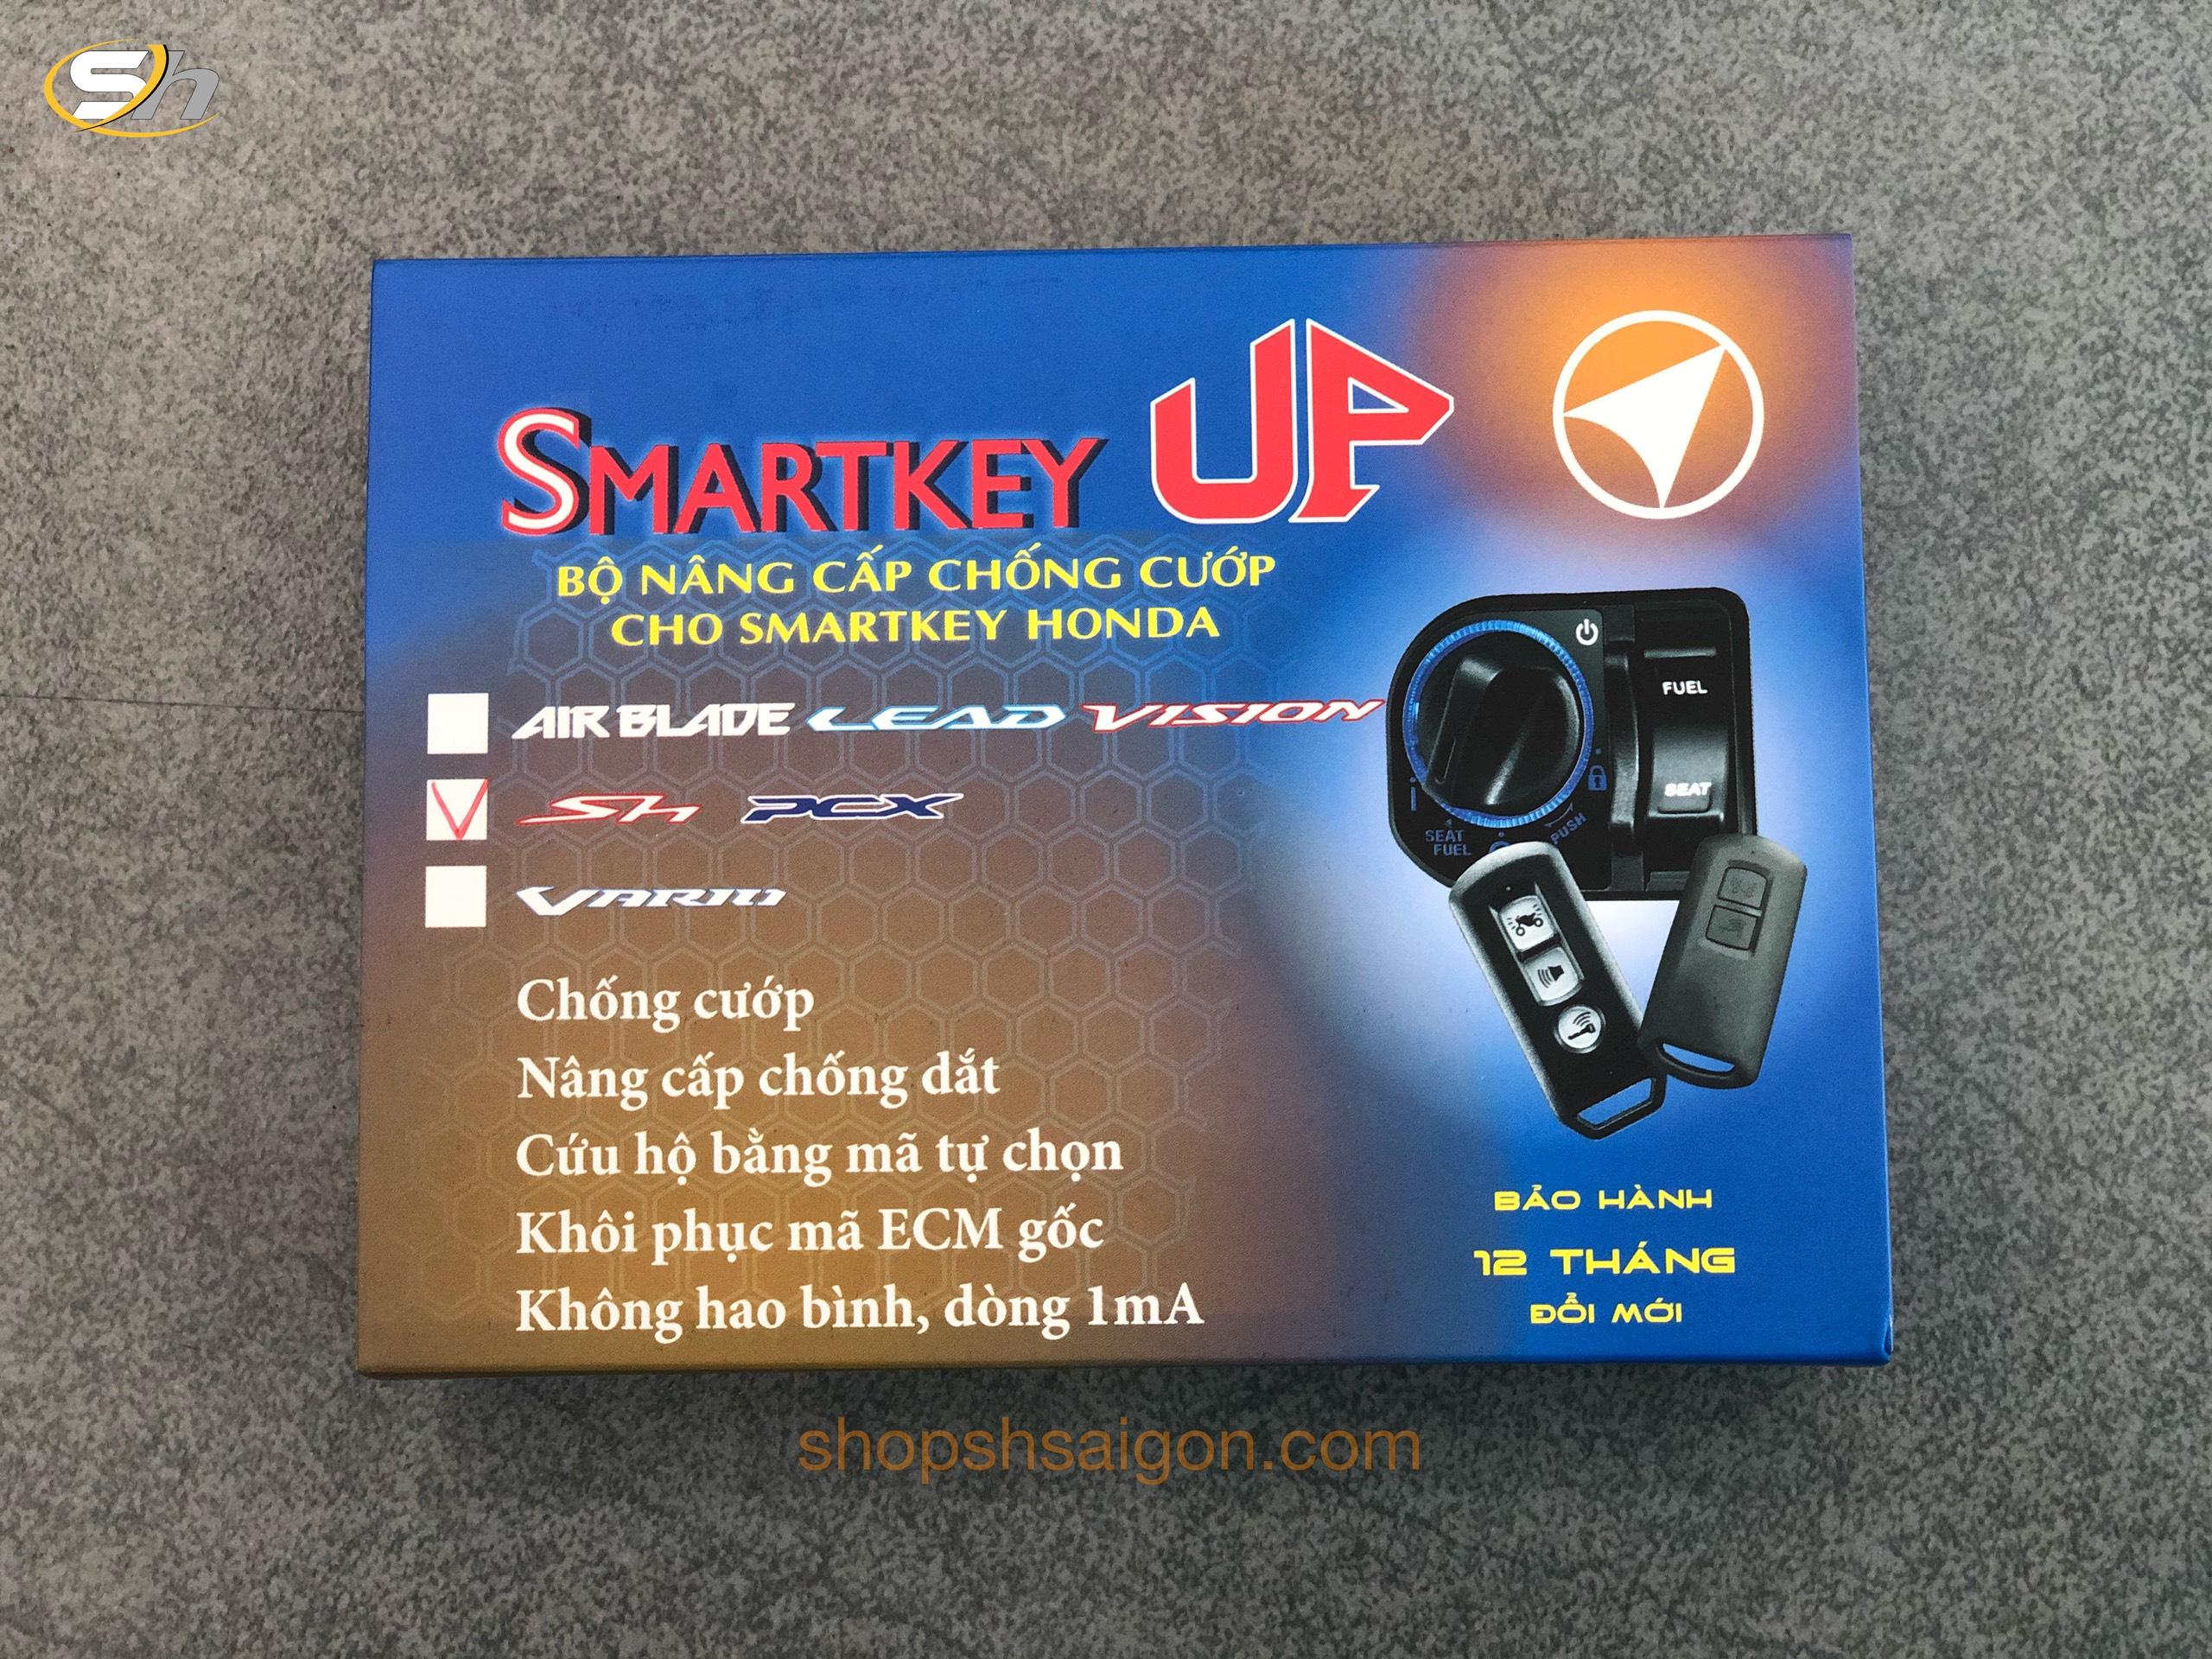 Bộ ECU Chống cướp - Quên tắt máy xe SMARTKEY UP 6